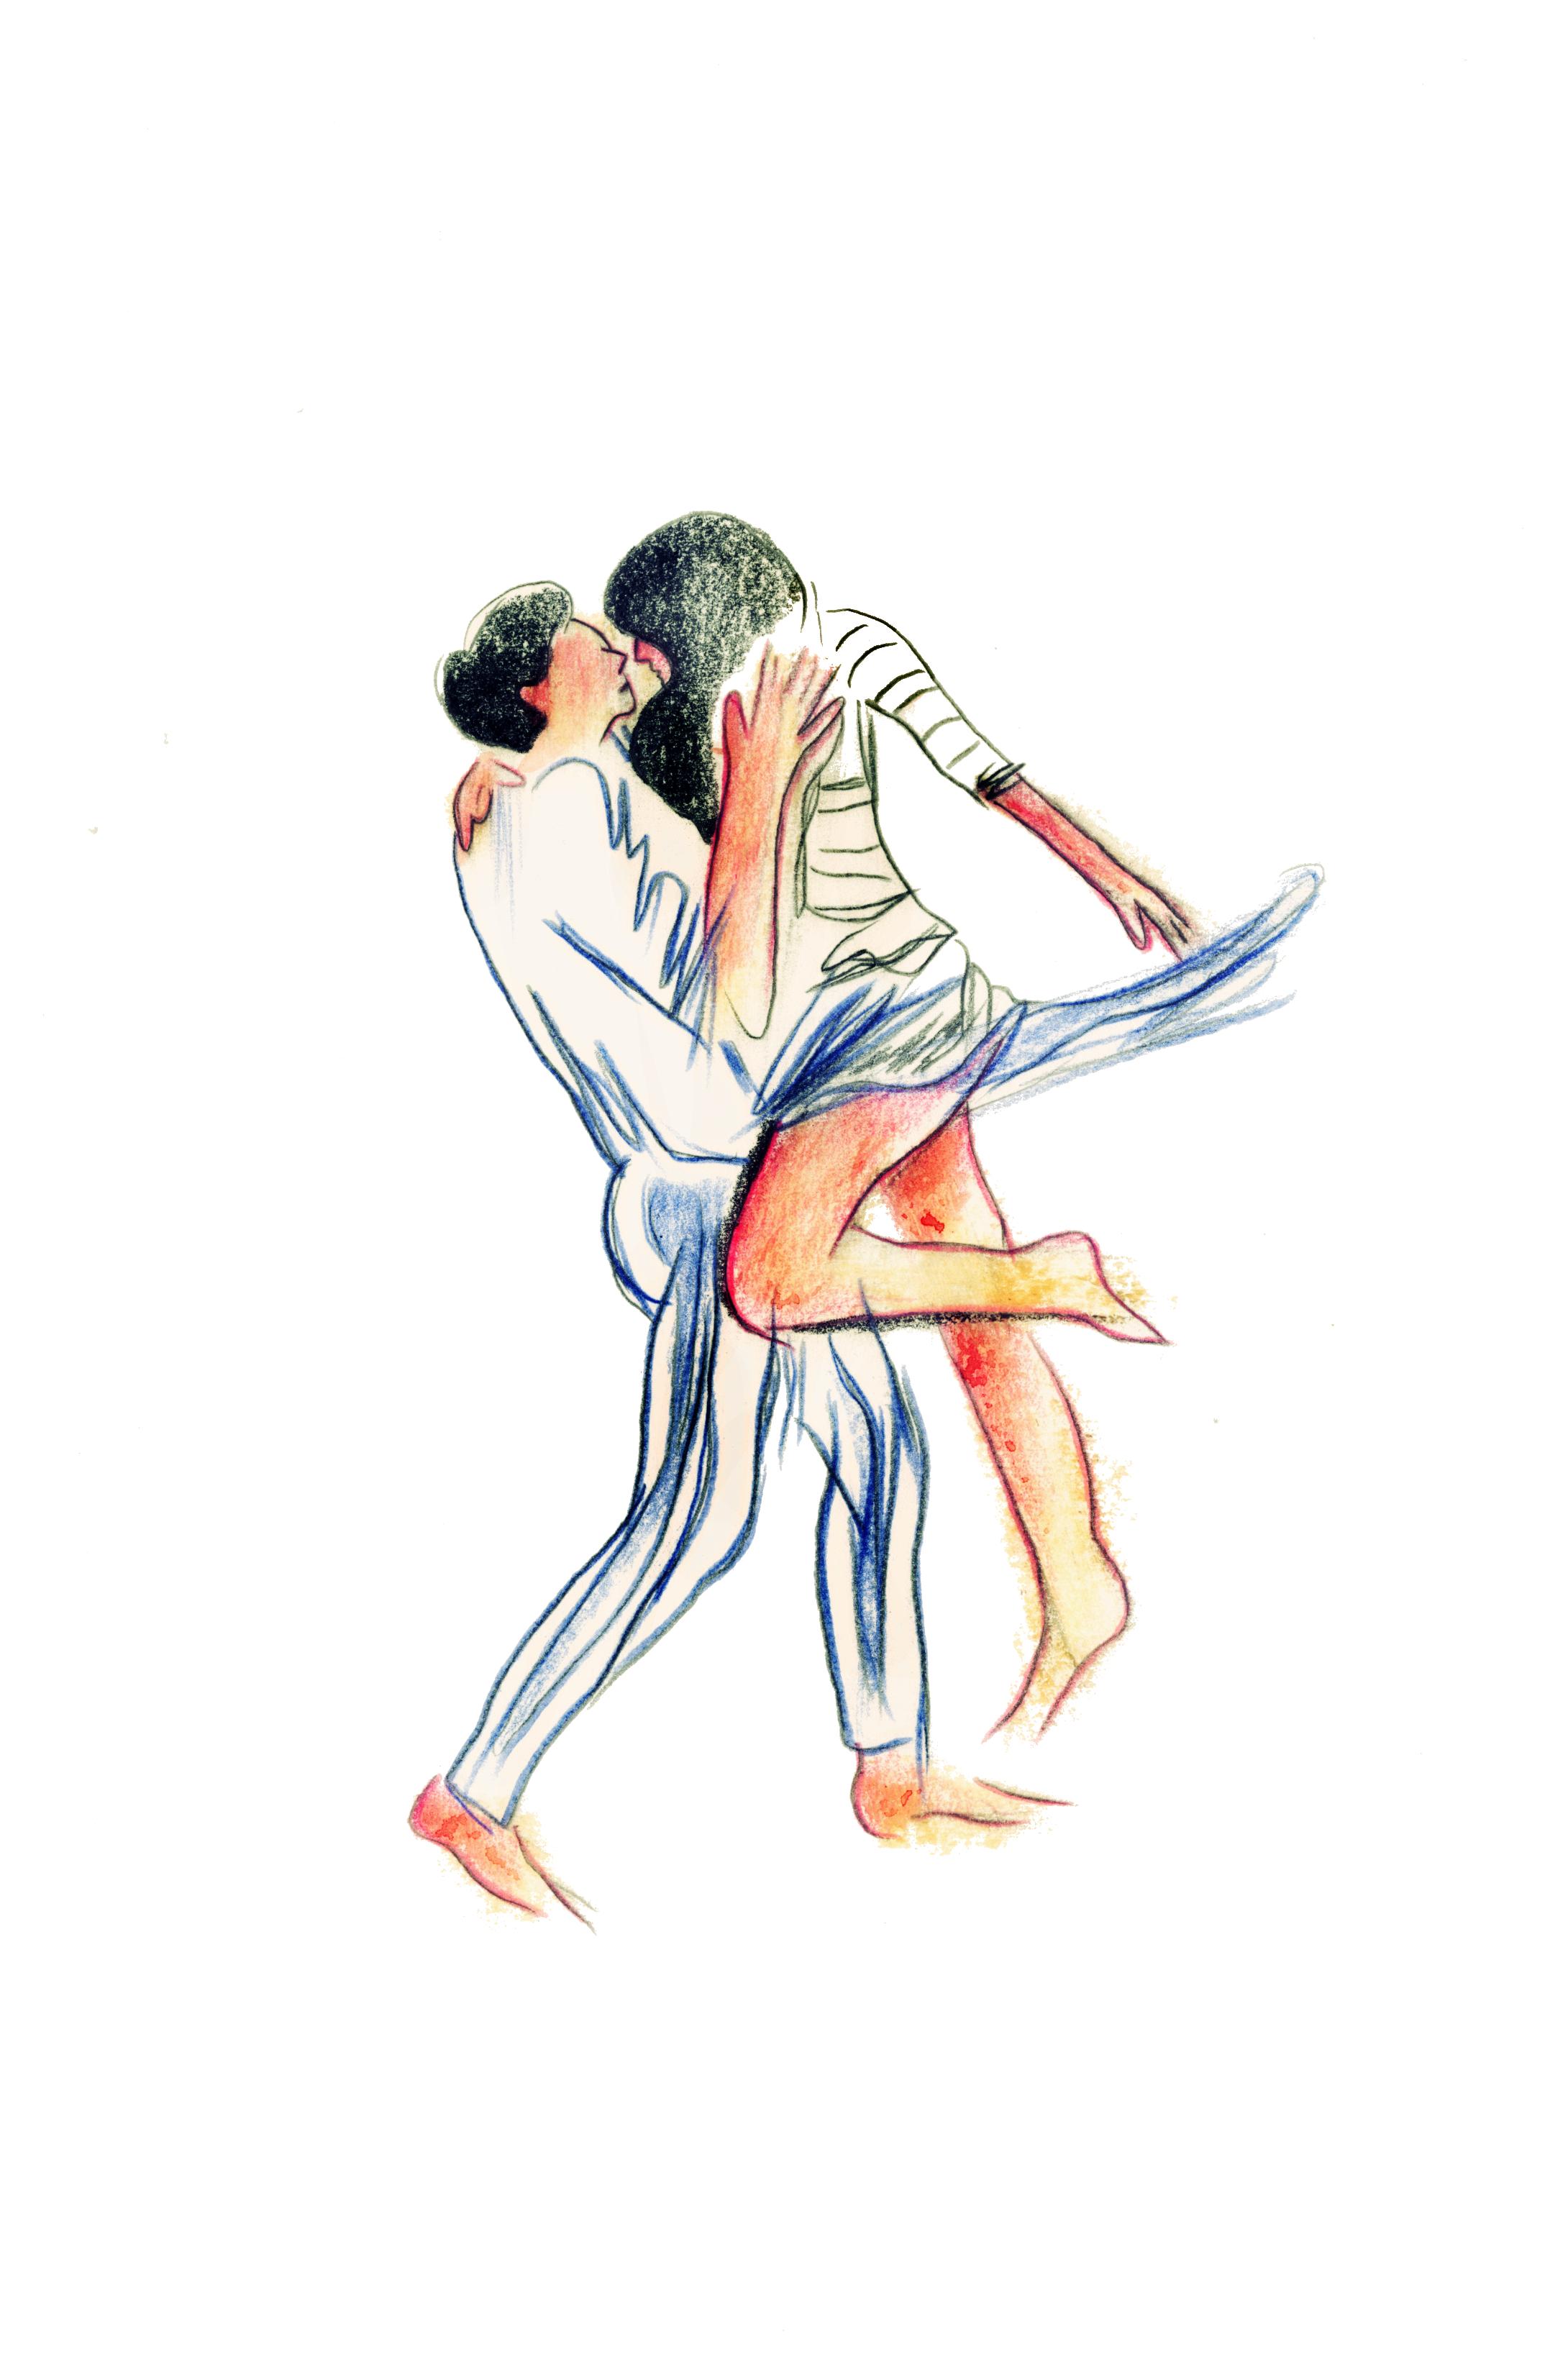 Danse 2 | GALERIE TREIZE DIX / DANSE #2 | NOÉMIE CHUST